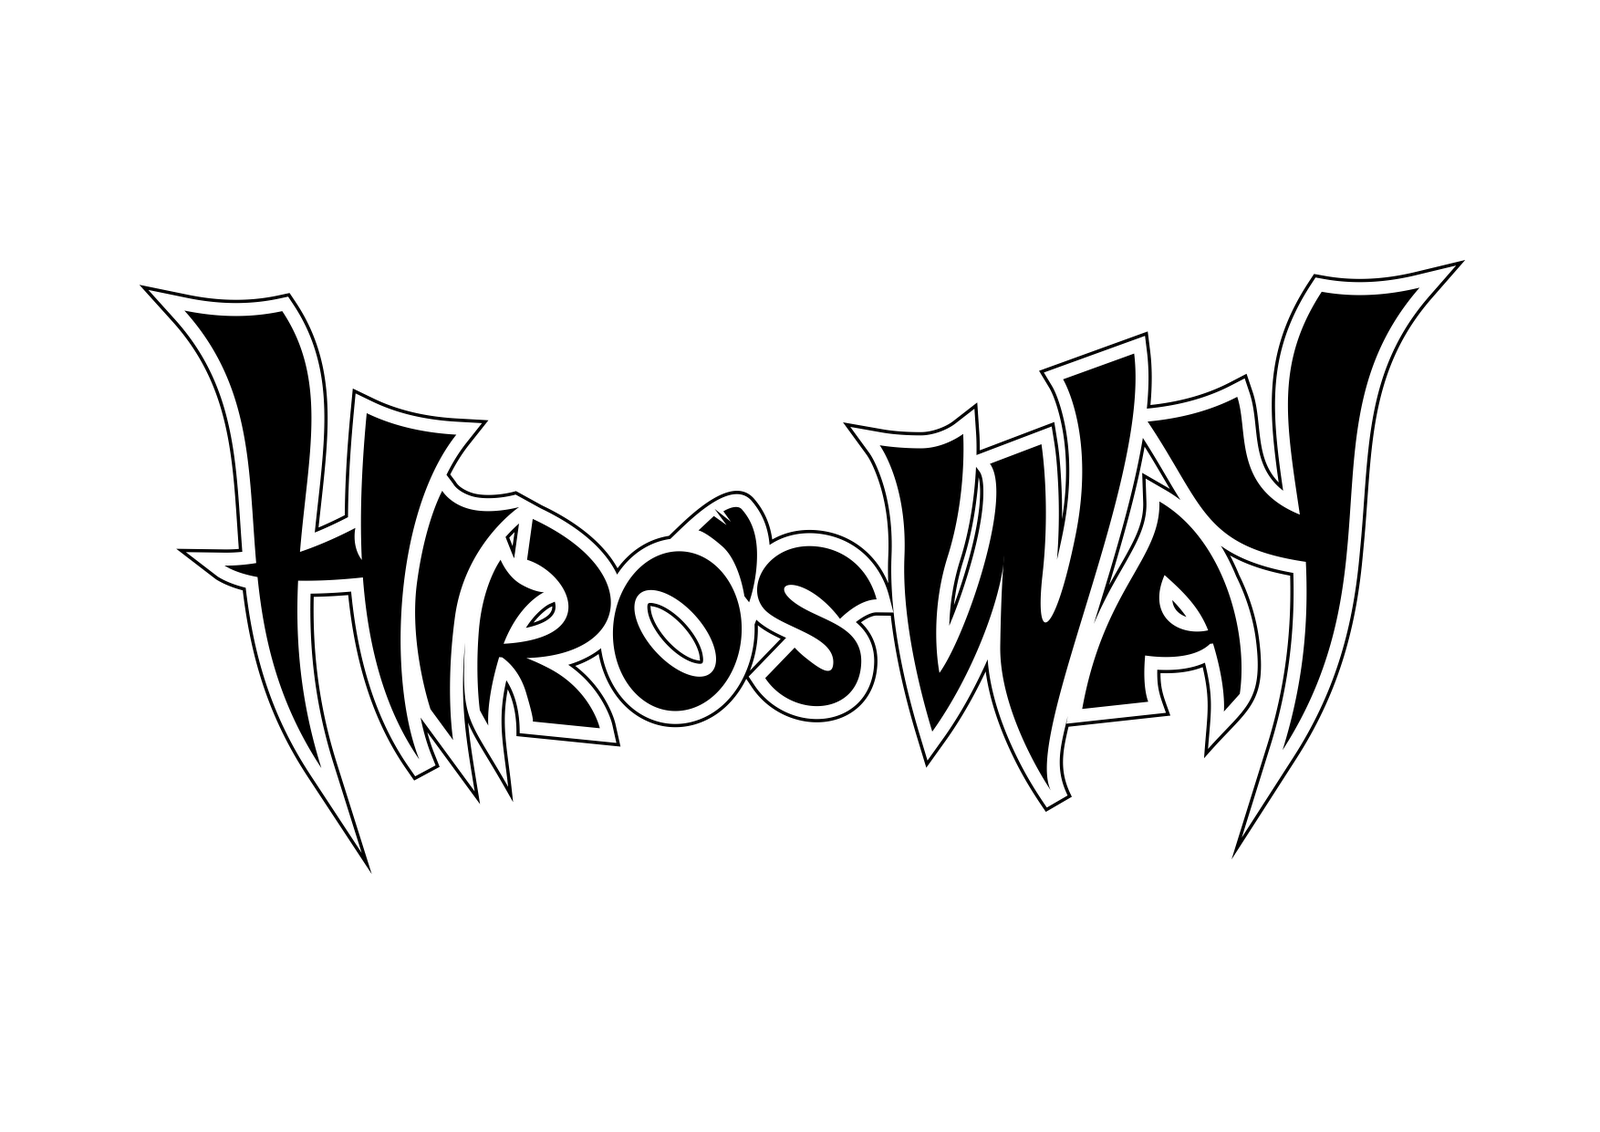 Hiro's Way